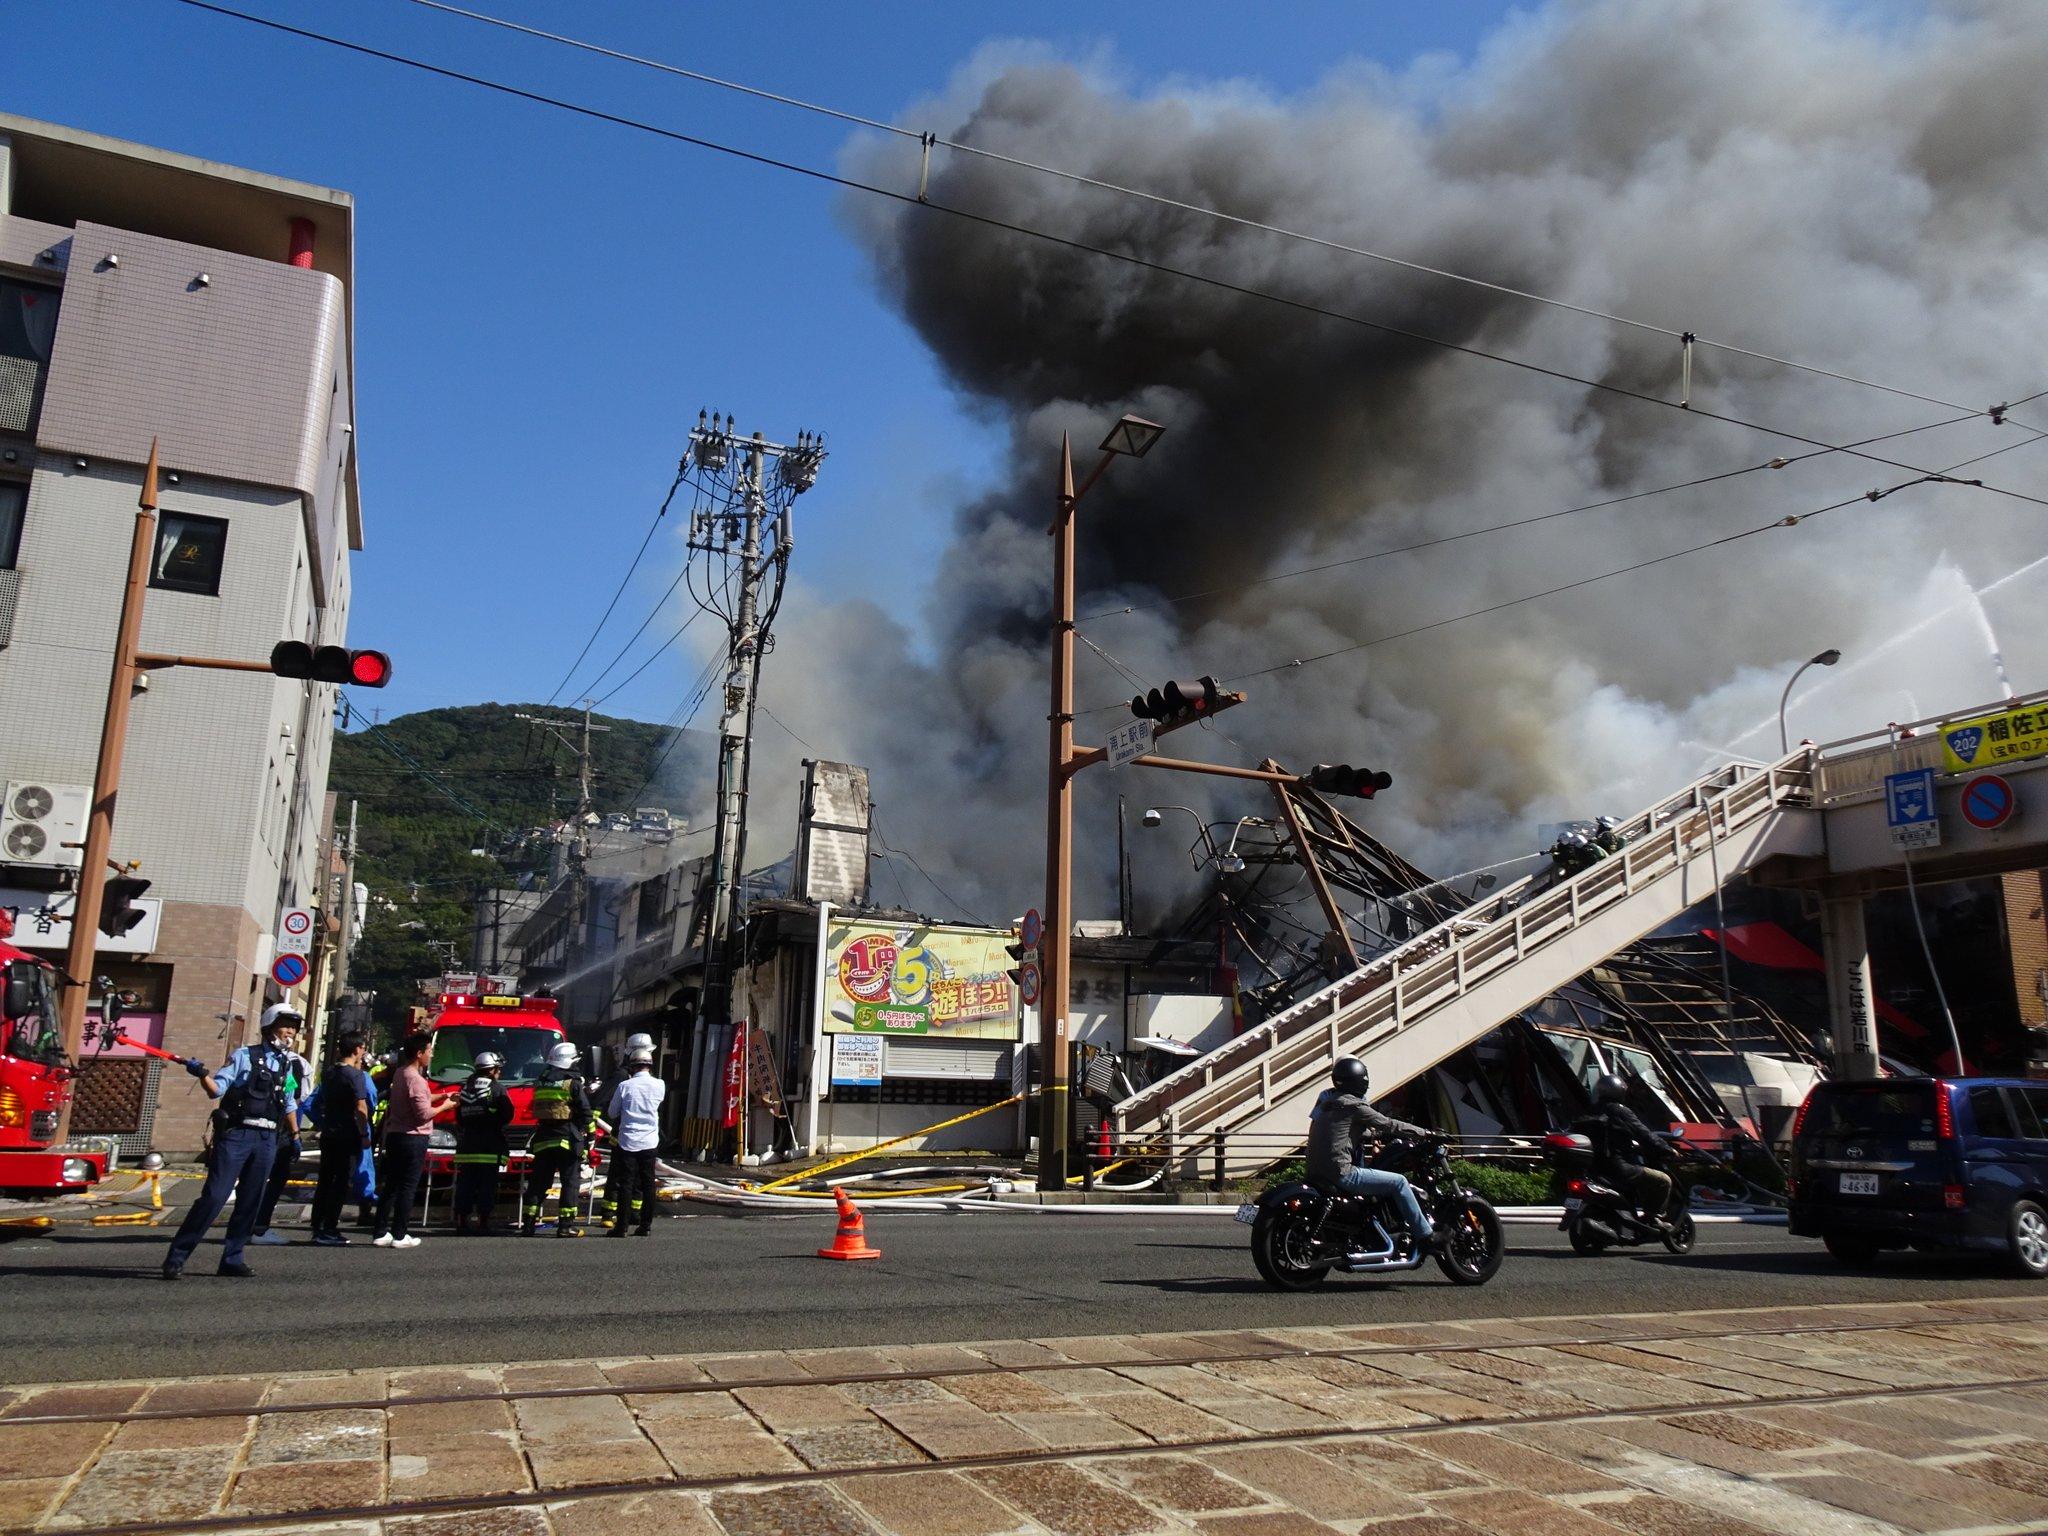 画像,浦上駅前のごはん屋さんのひぐちにまるなかかまぼこにパチンコ屋さんが燃えてる。かなりおおごとなってます。気をつけてください!! https://t.co/amQB…